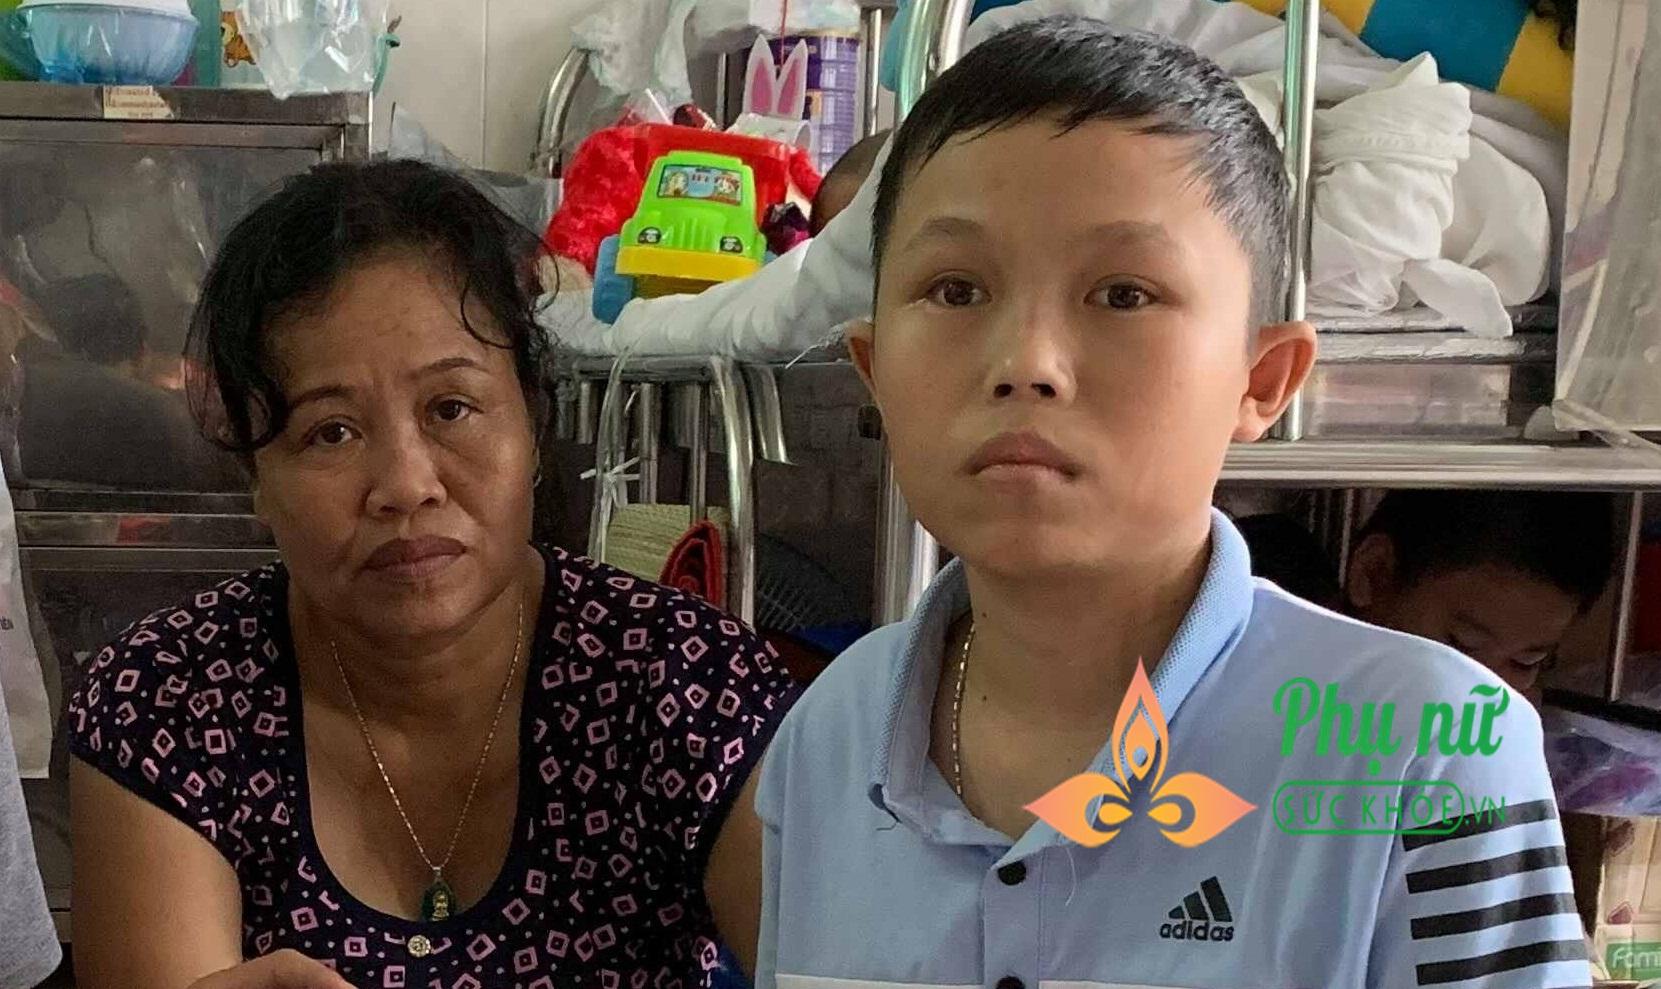 Tình cảnh nghiệt ngã của gia đình nghèo: Cha mất, mẹ bị u phổi, con mắc u não não ác tính đau đớn tột cùng - Ảnh 1